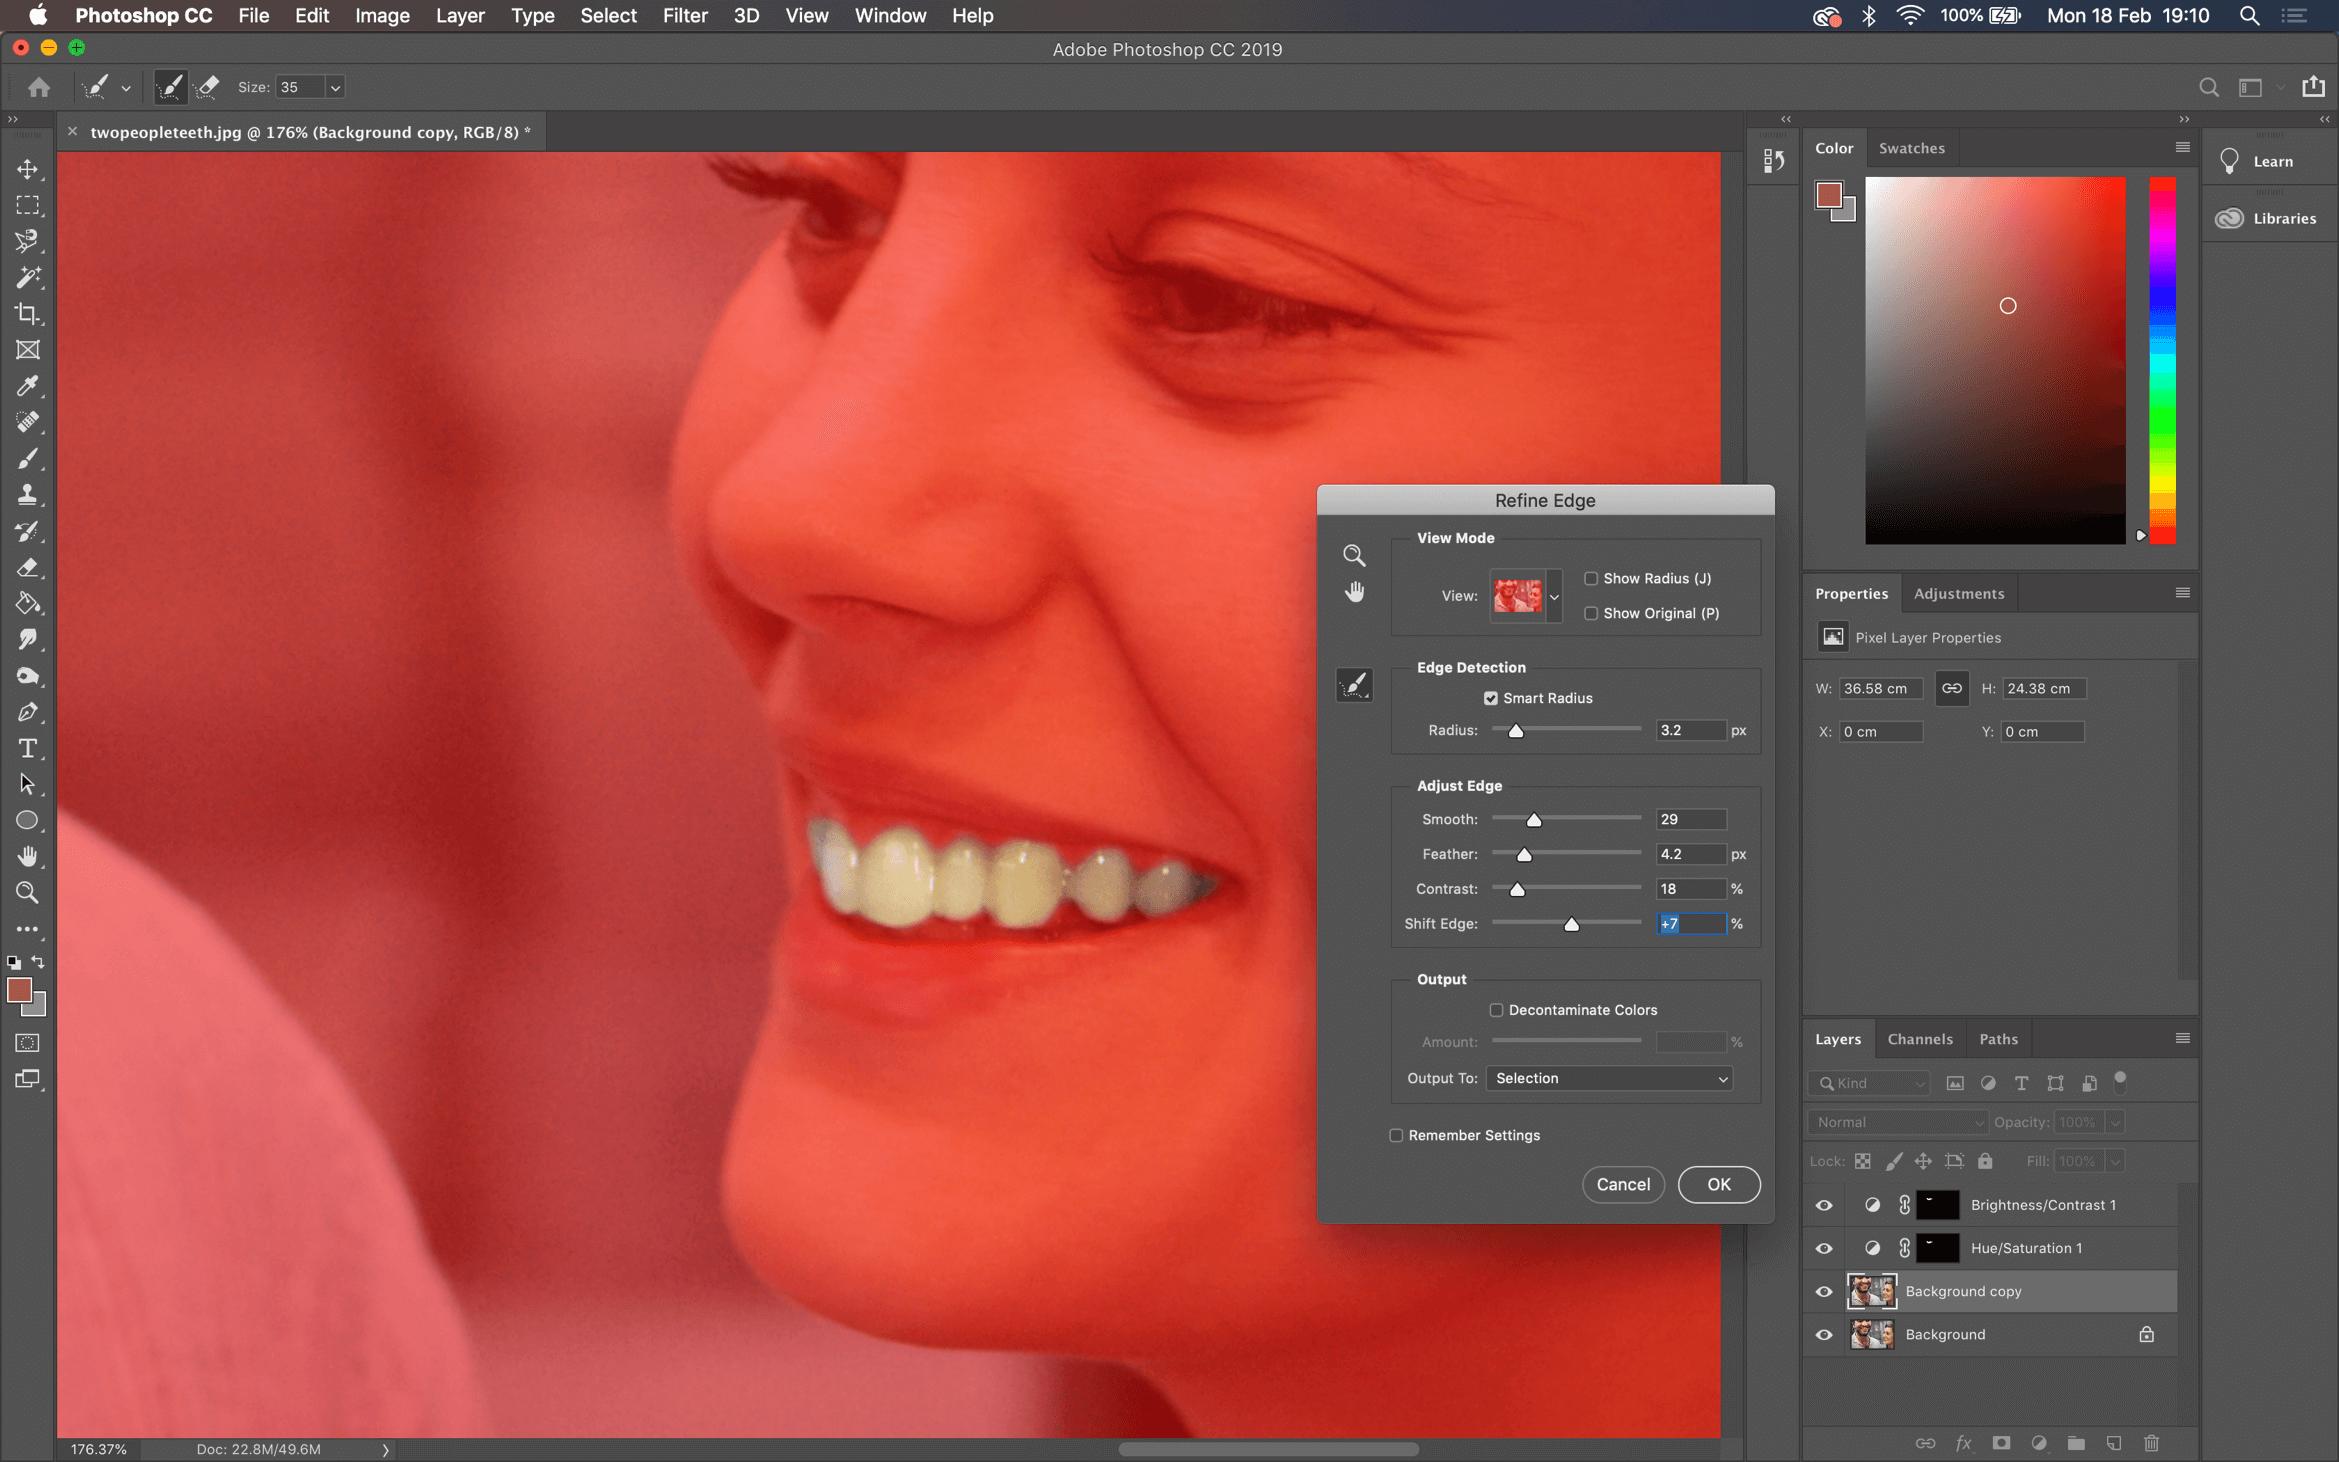 Refine edge tool in action Photoshop